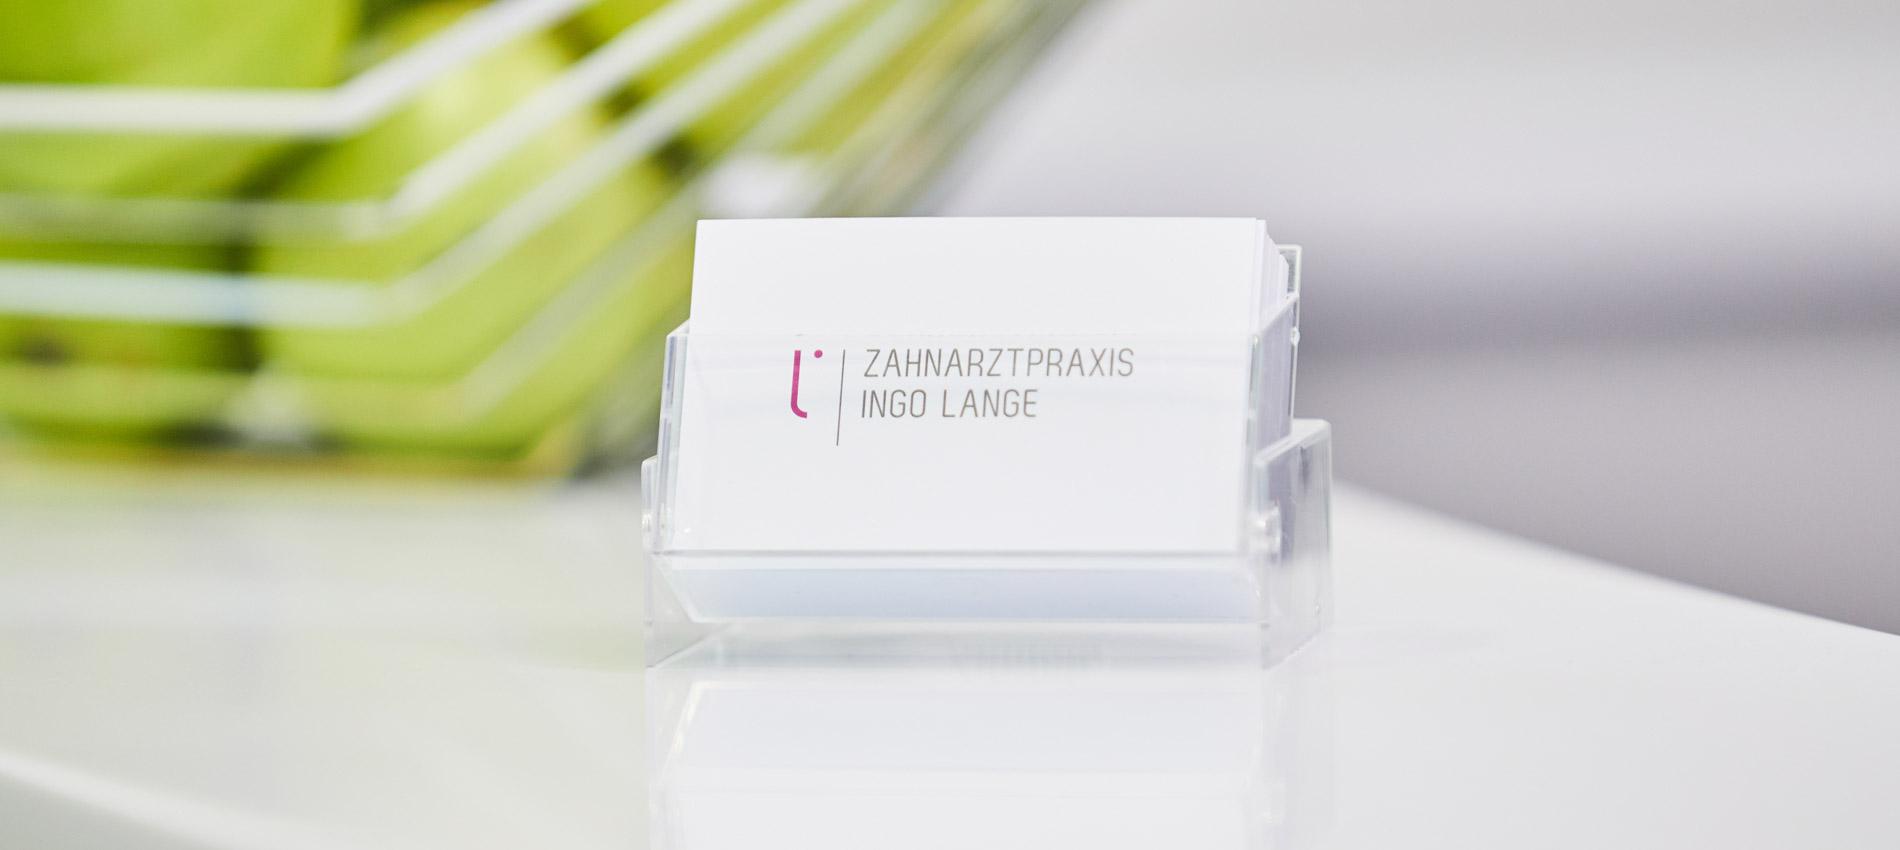 Zahnarztpraxis Ingo Lange - Kontakt 1